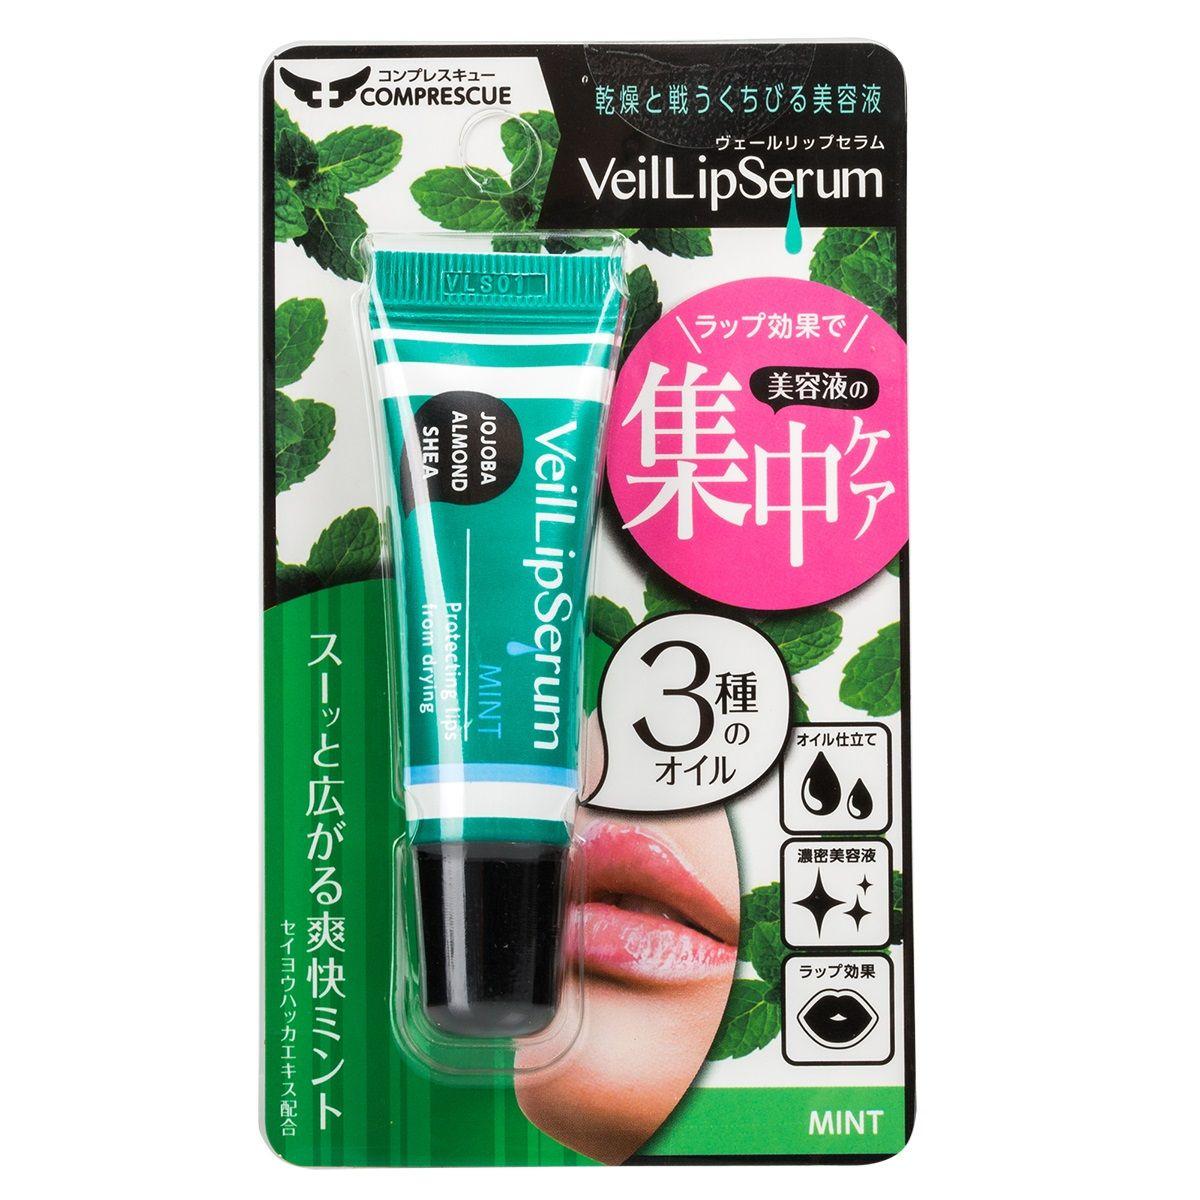 Увлажняющий бальзам для губ с натуральными маслами и ароматом мяты - 10 мл.